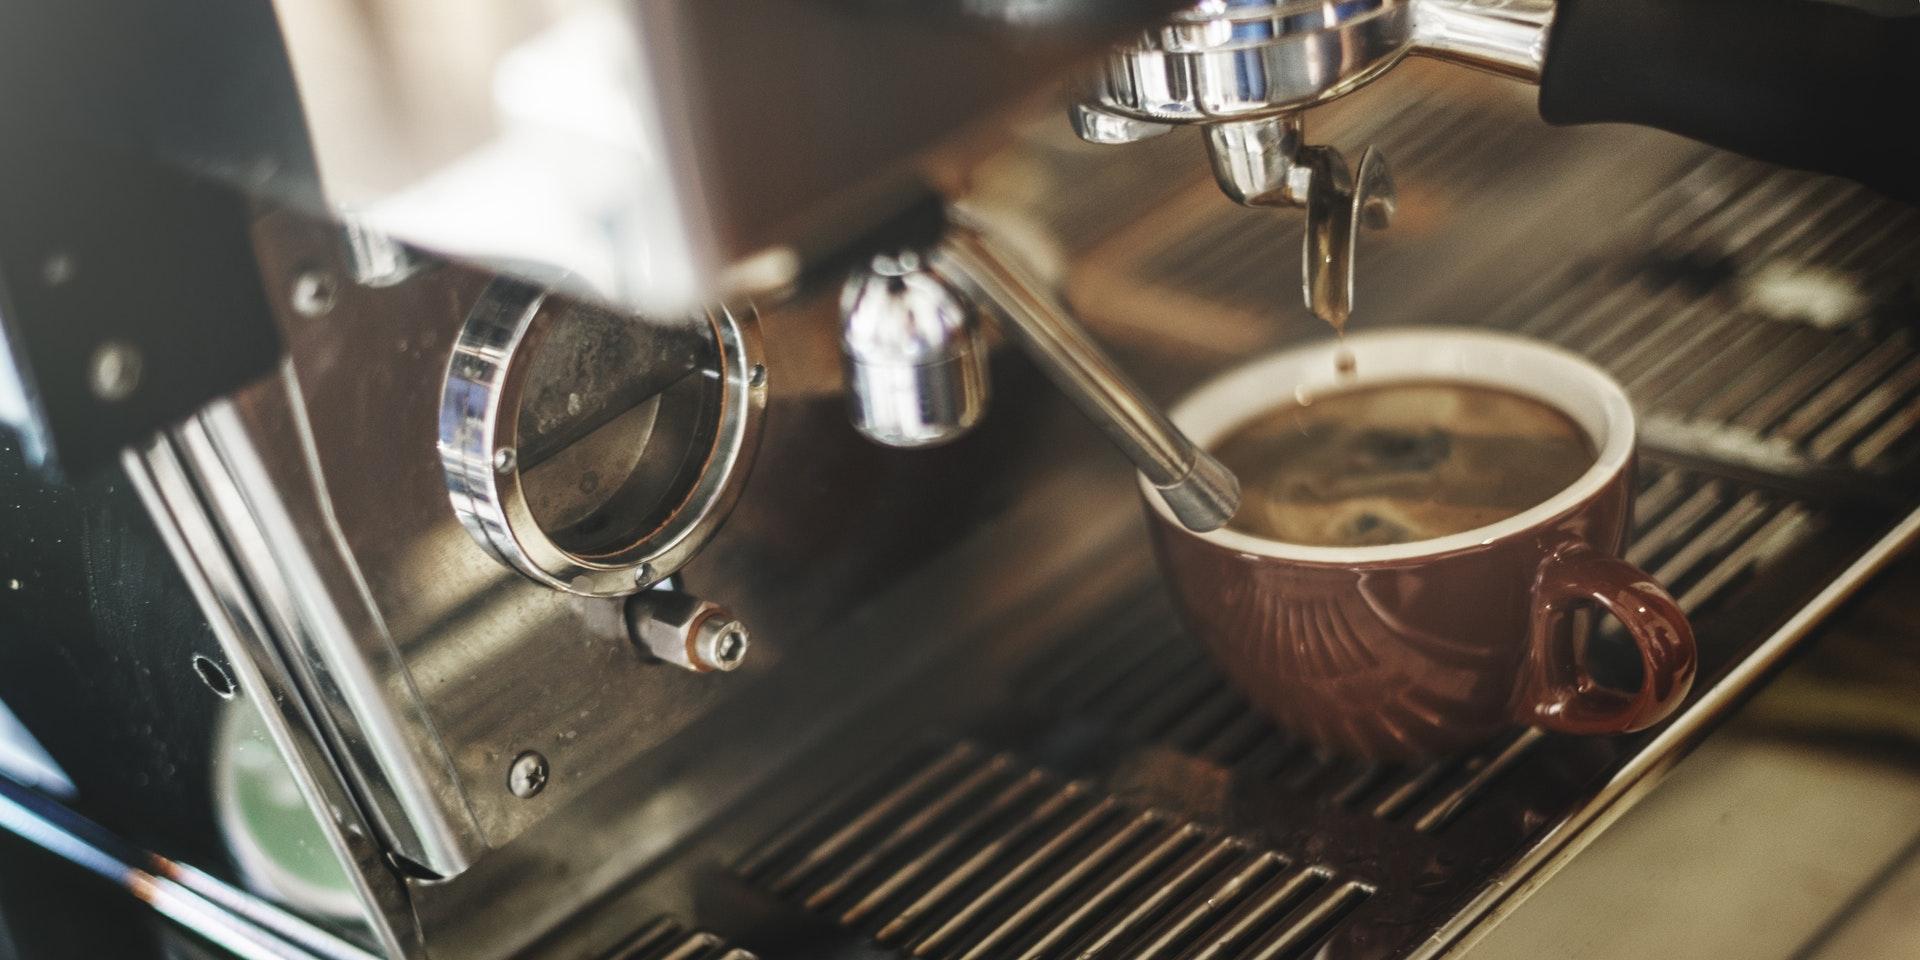 Café_photo_pexels_free